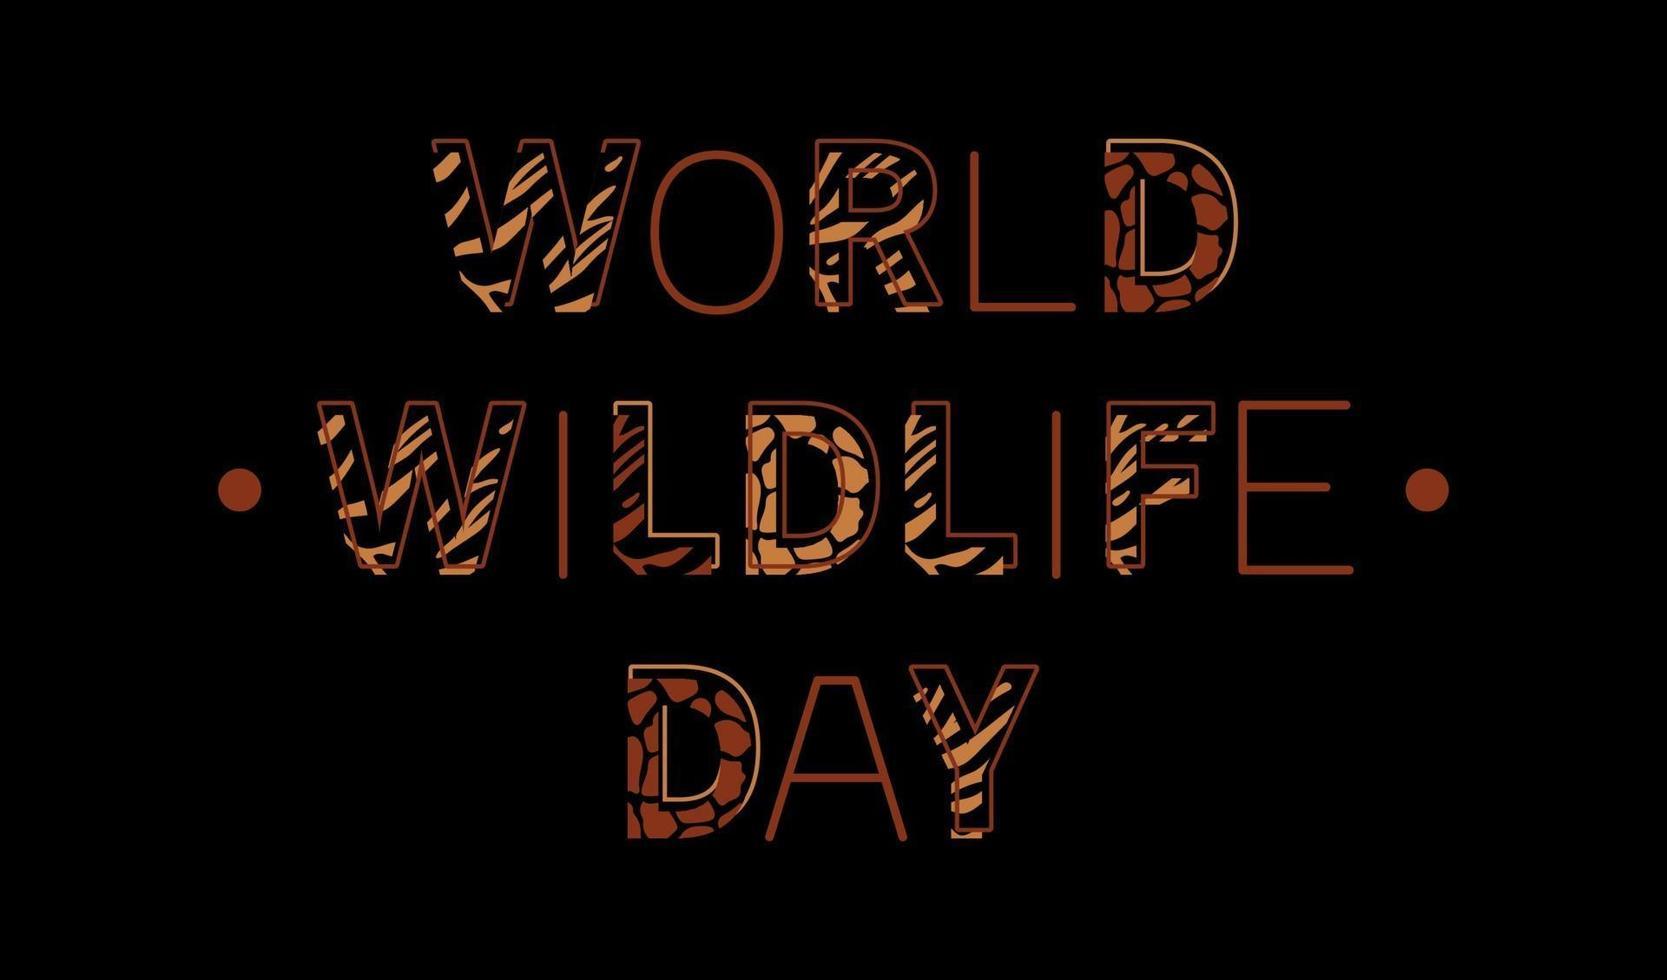 världens vilda djurdag. kalligrafi bokstäver med afrikanska vilda djur skinn mönster. trendig vektorillustration för affisch, banner, vykort och broschyr vektor